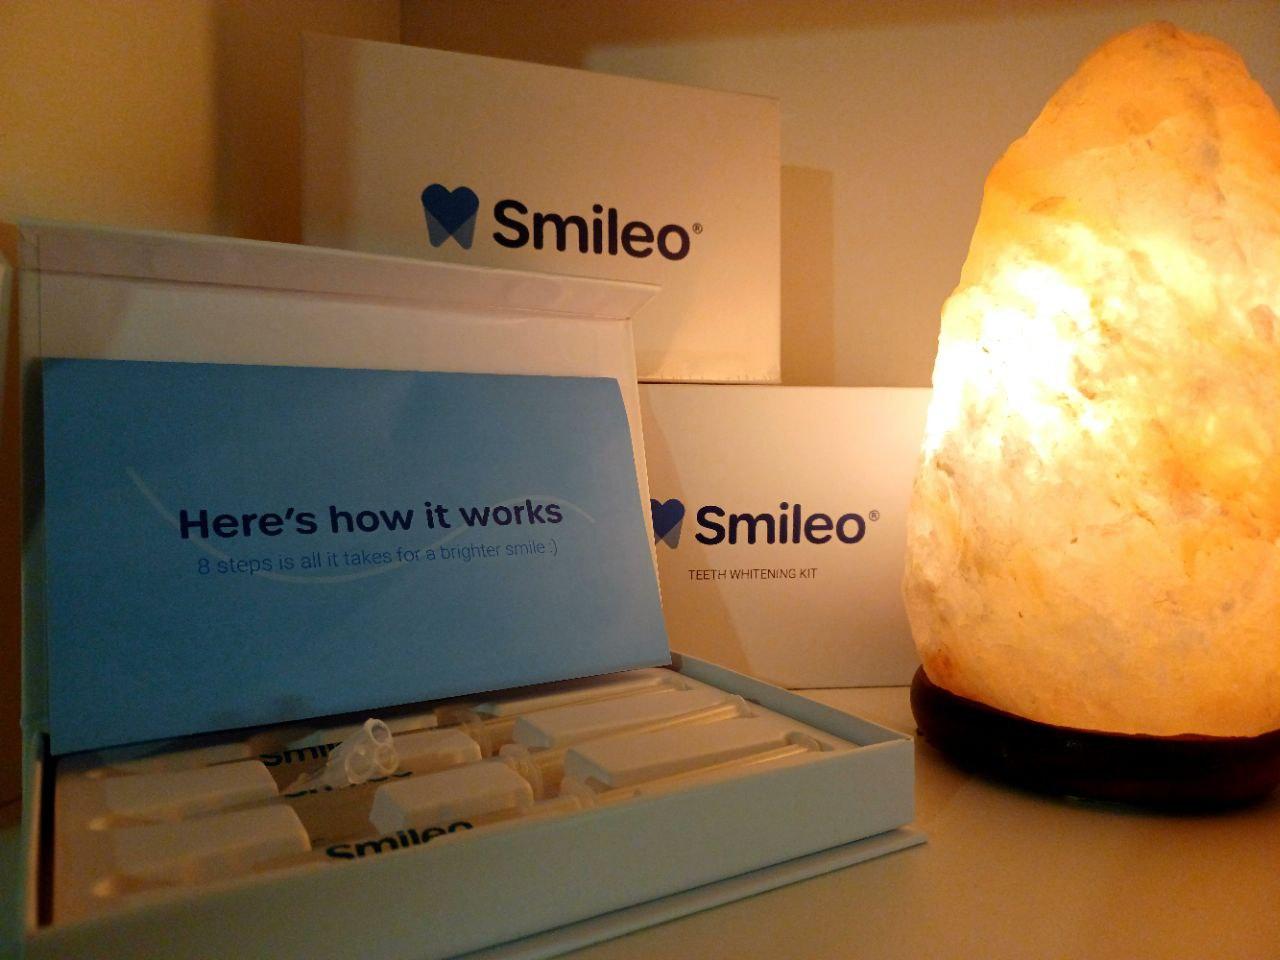 Smileo hampaiden valkaisusetti täyttöpakkaus kokemuksia